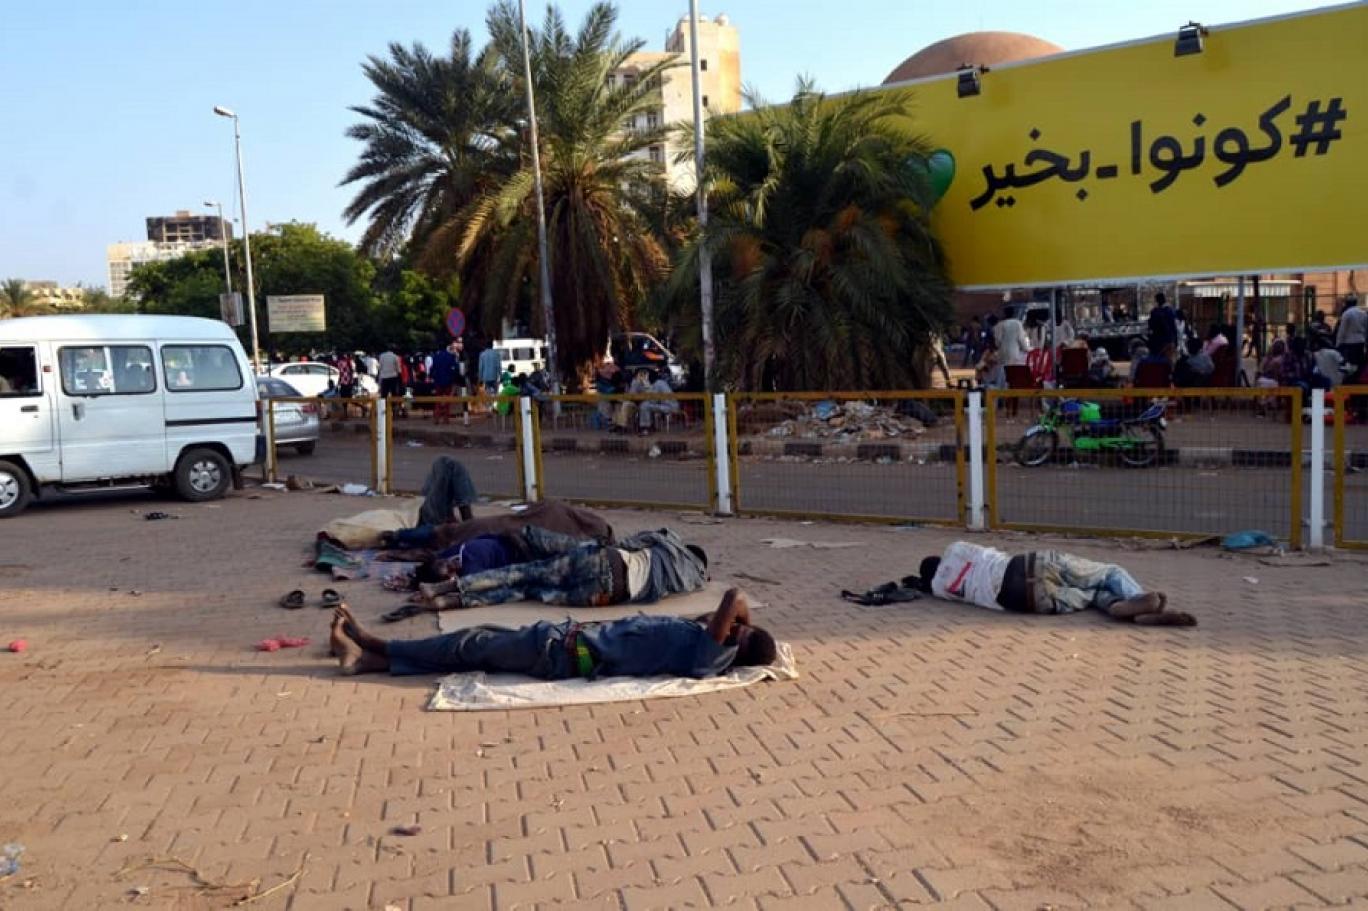 السودان بعد 11 ديسمبر هل سيكون كما قبله؟